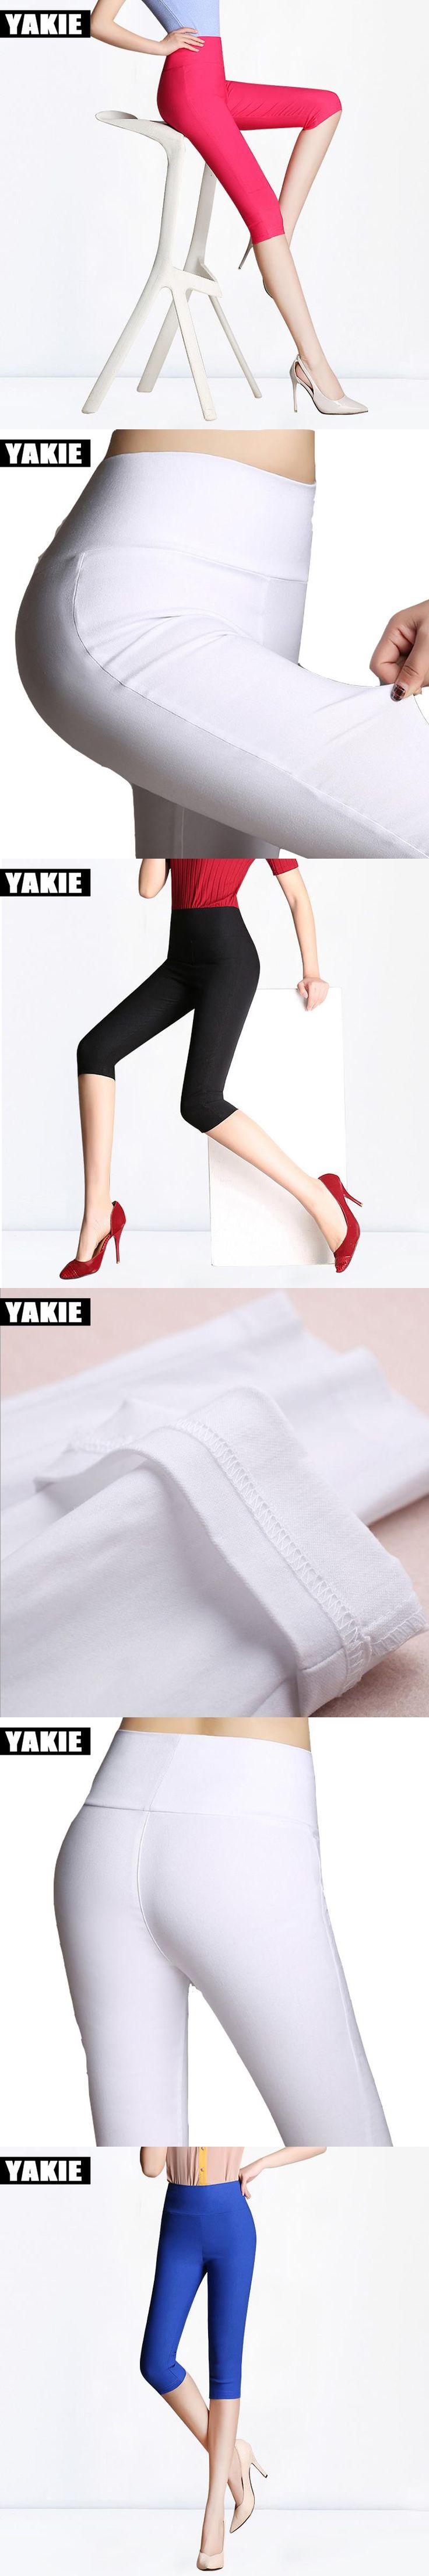 Candy color New Fashion 2017 Summer Plus Size 6XL White Pencil Pants capris Ladies Cotton High Waist Elastic female Trousers